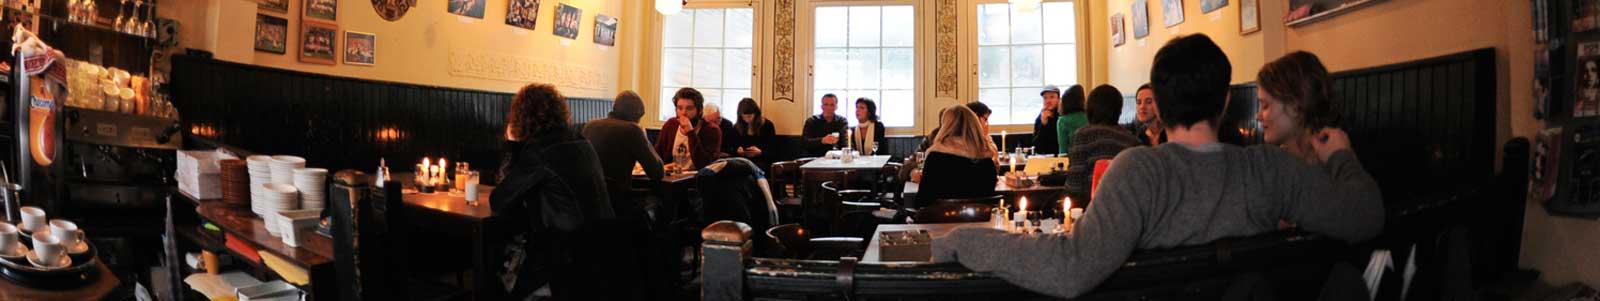 Surround Sounds: Café De Prins